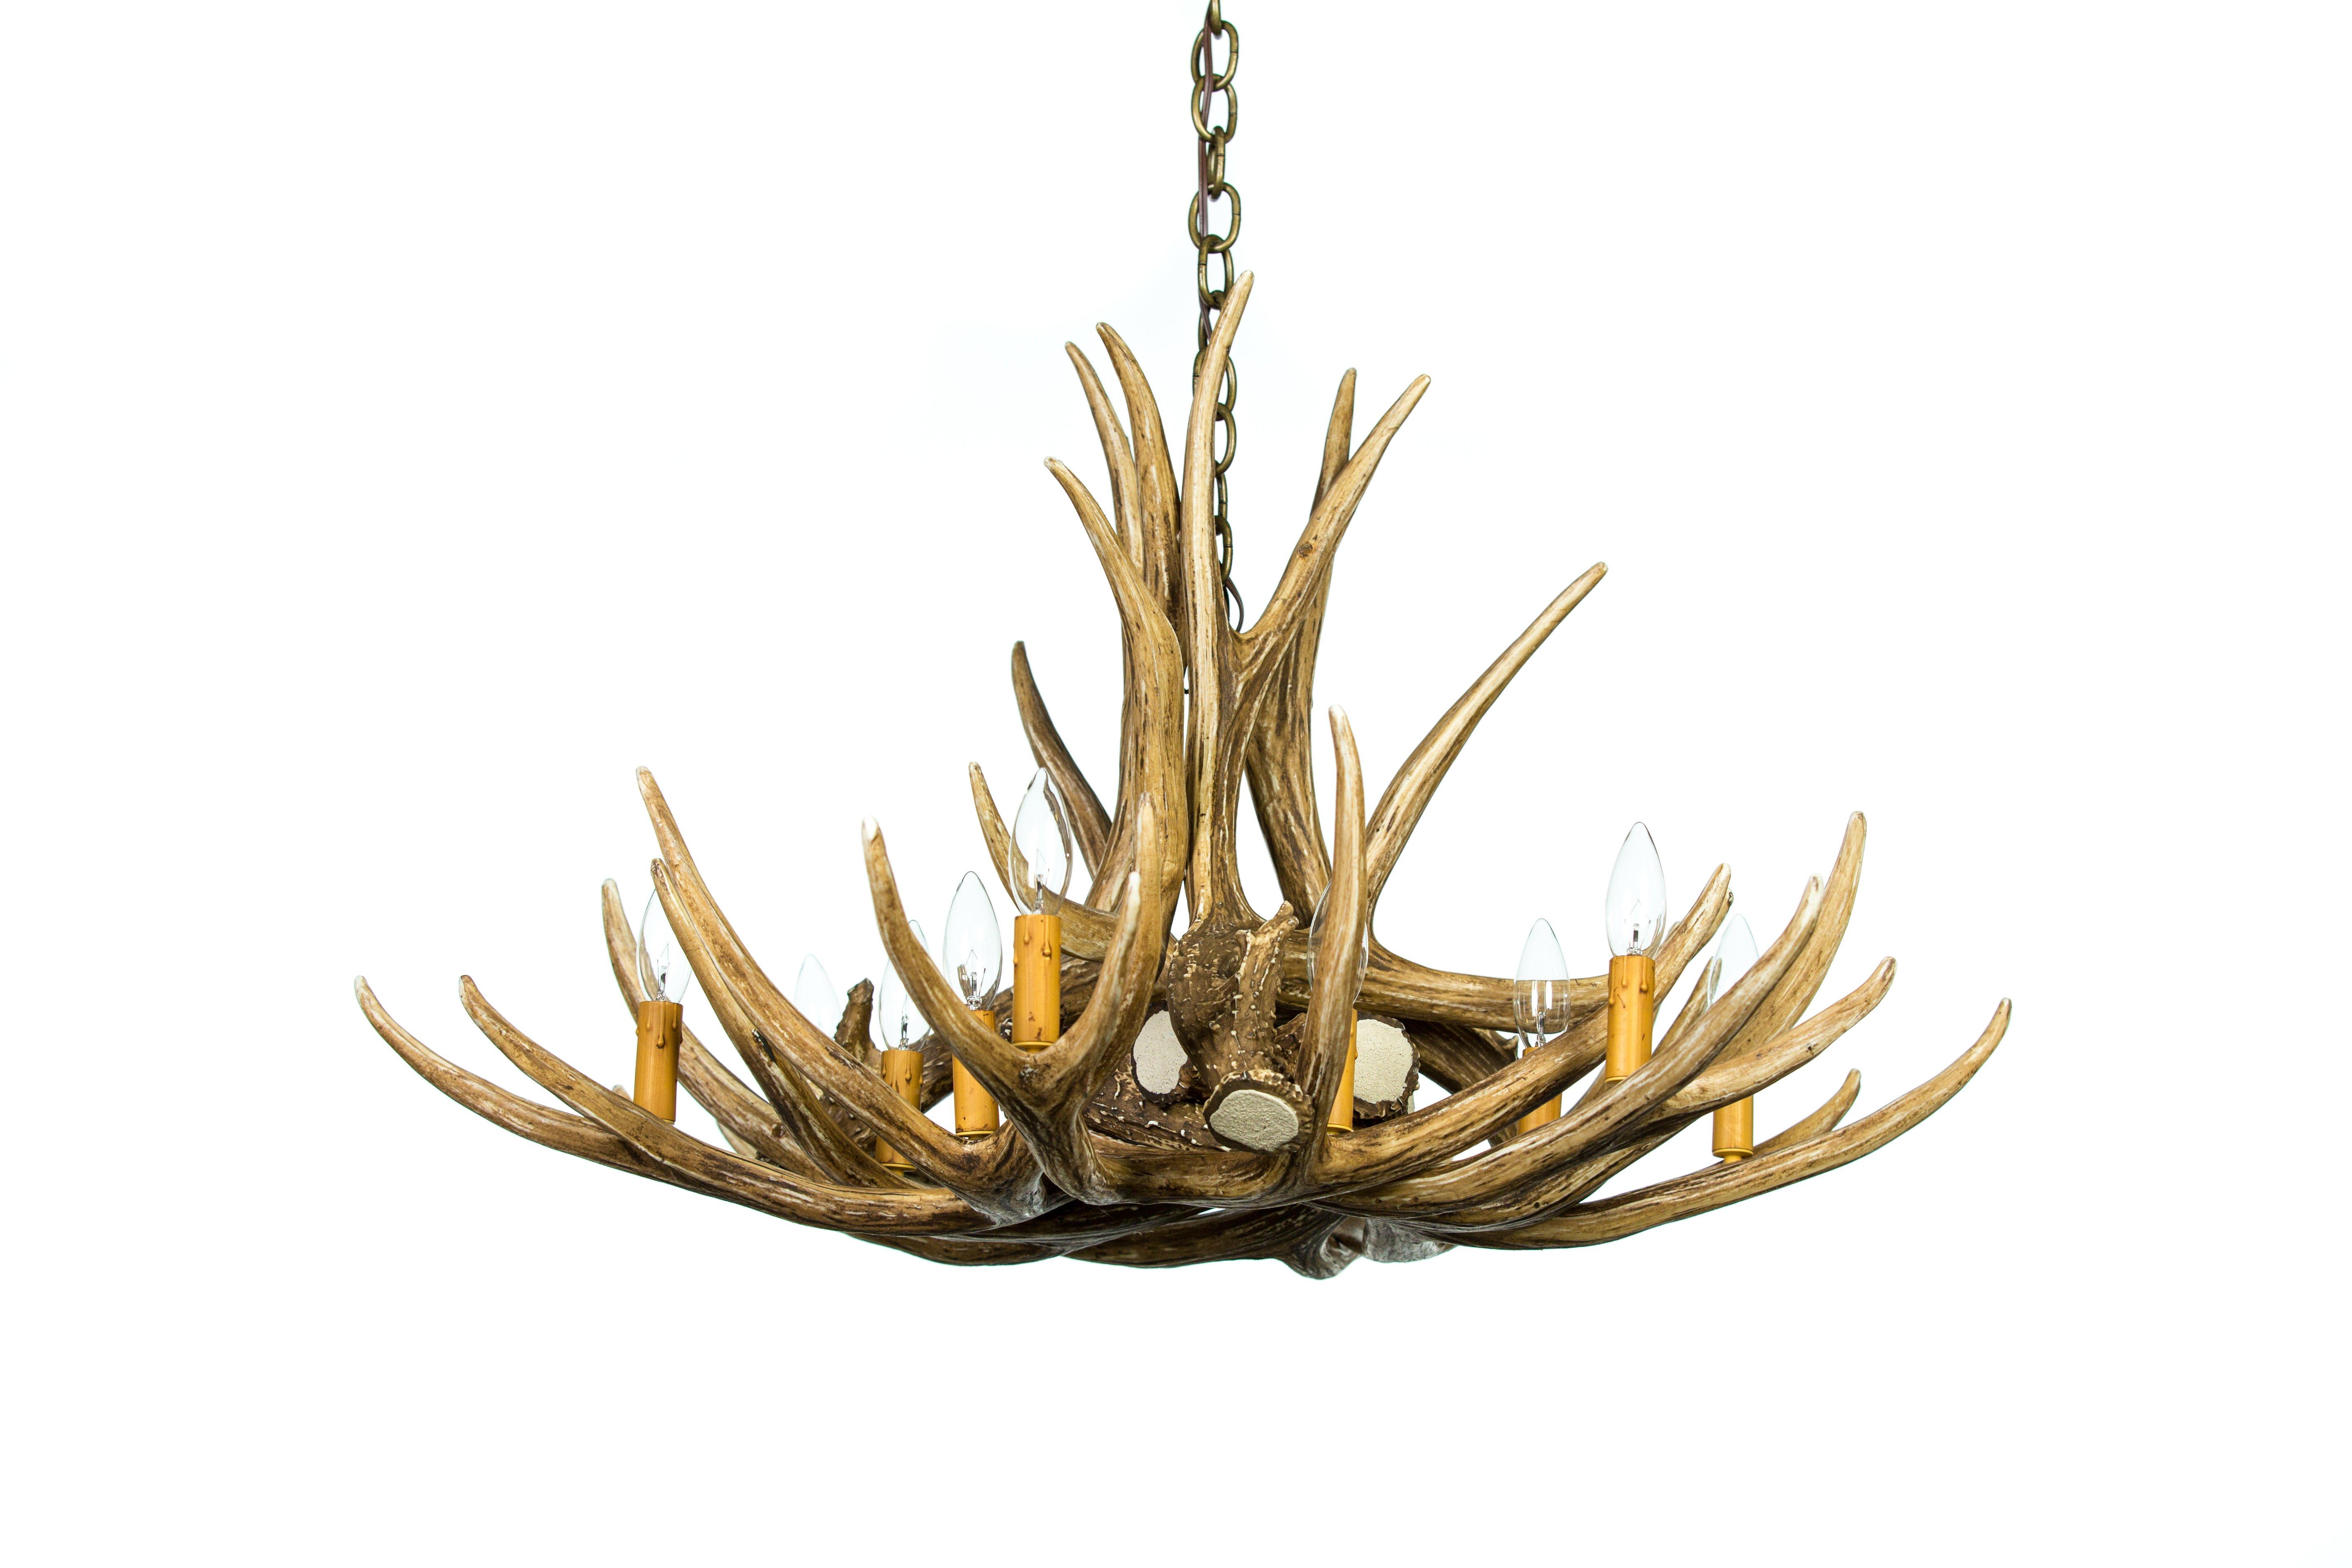 Antler chandeliers rustic lighting cast horn designs mule deer 9 antler chandelier aloadofball Image collections